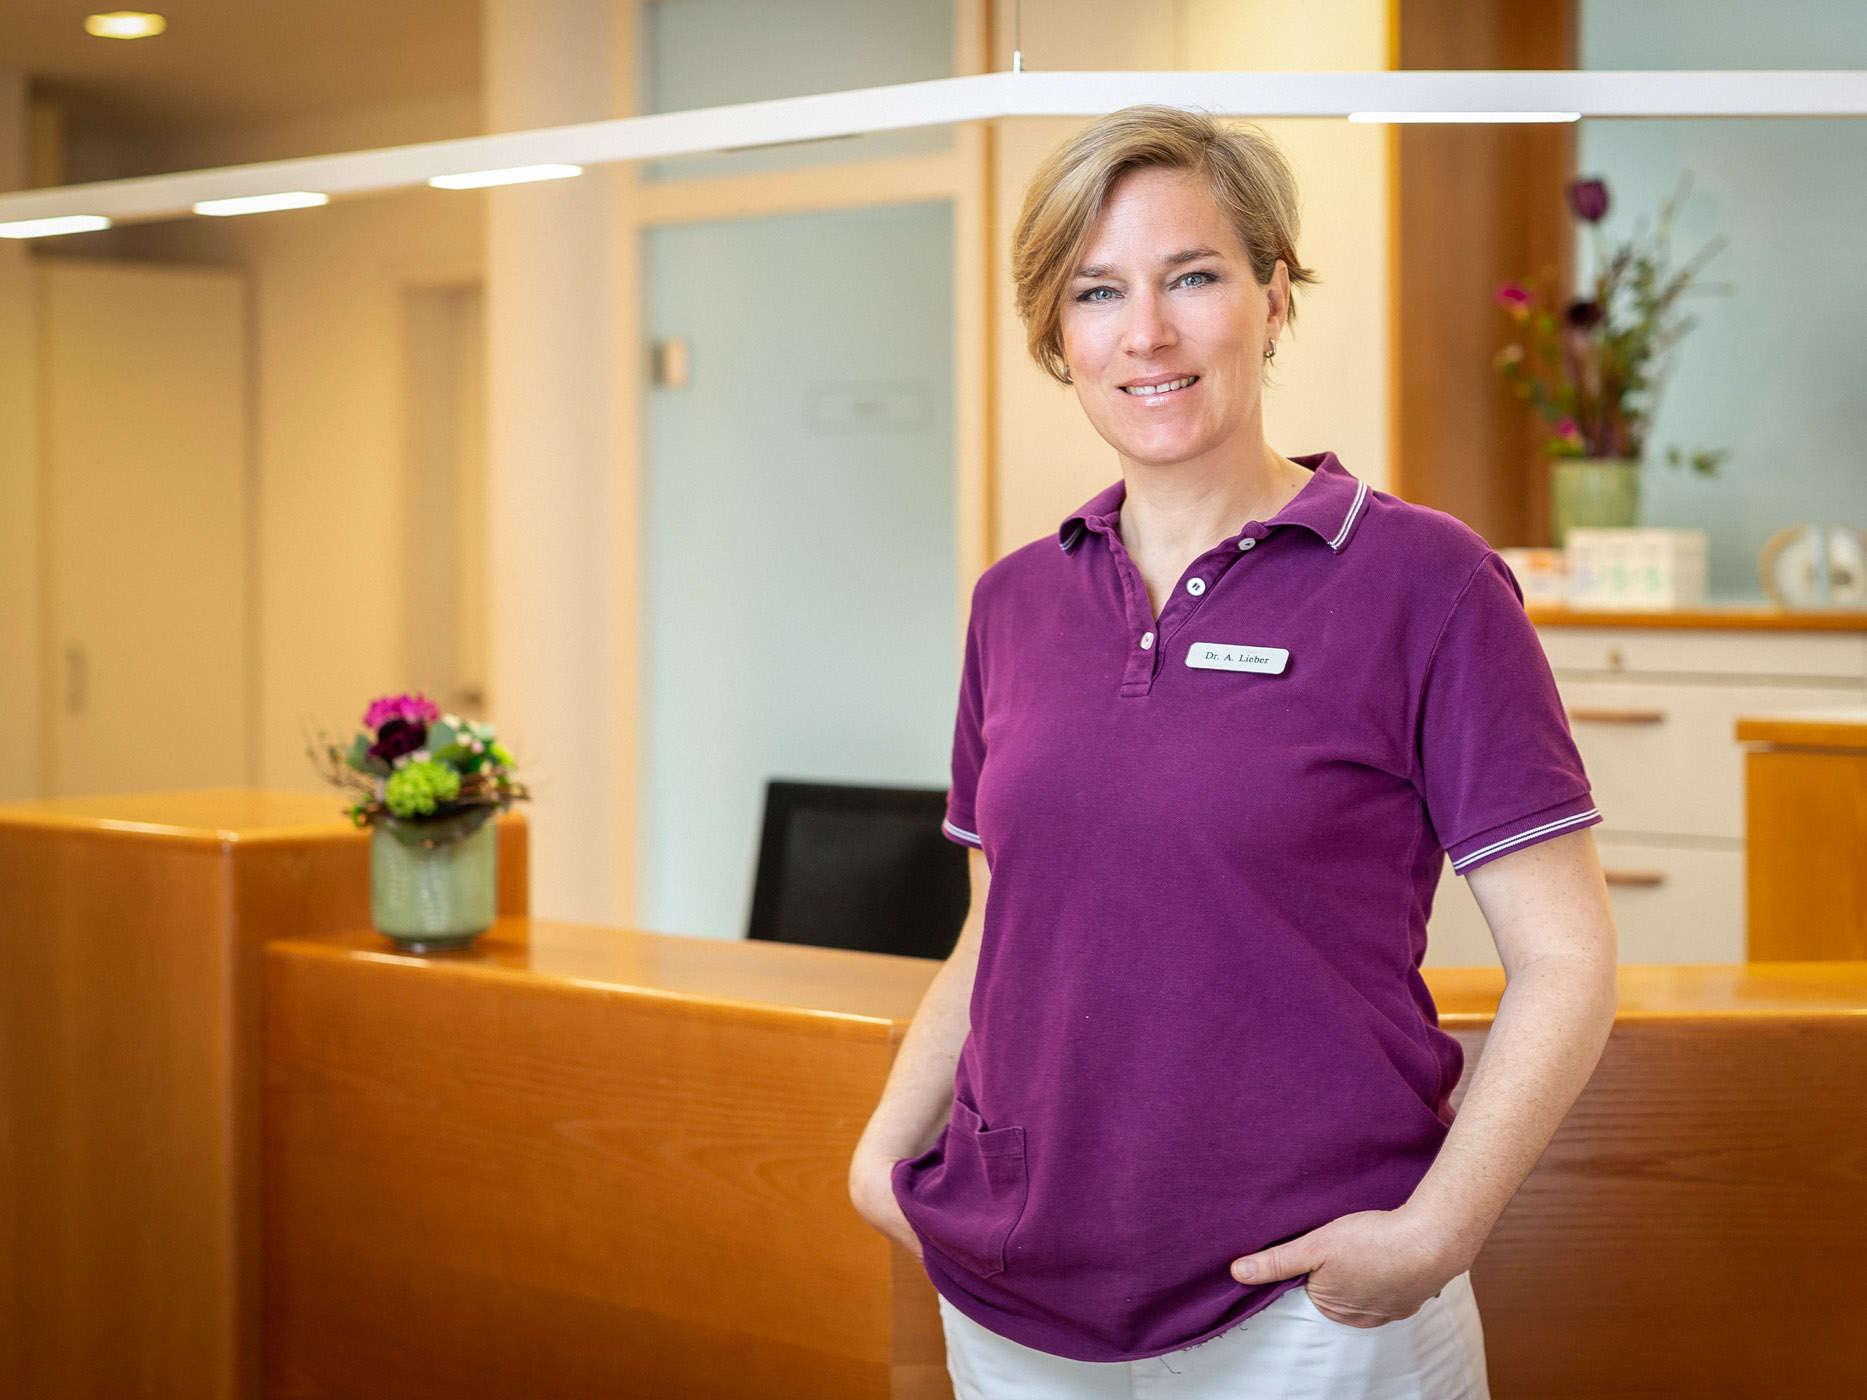 Fachärztin für Frauenheilkunde und Geburtshilfe Dr. med Alina Lieber